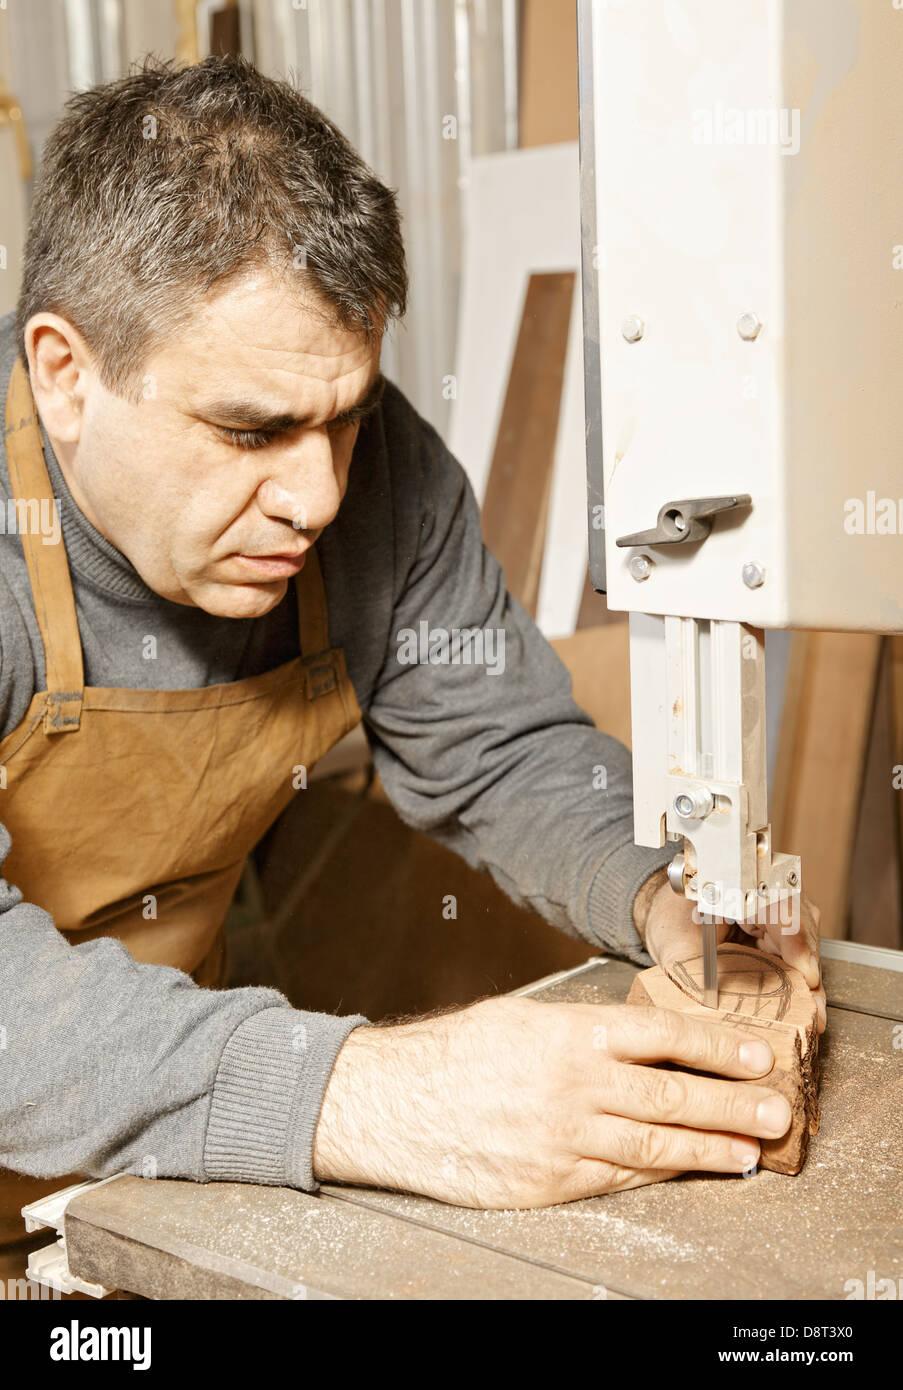 Craftsman sawing billet - Stock Image